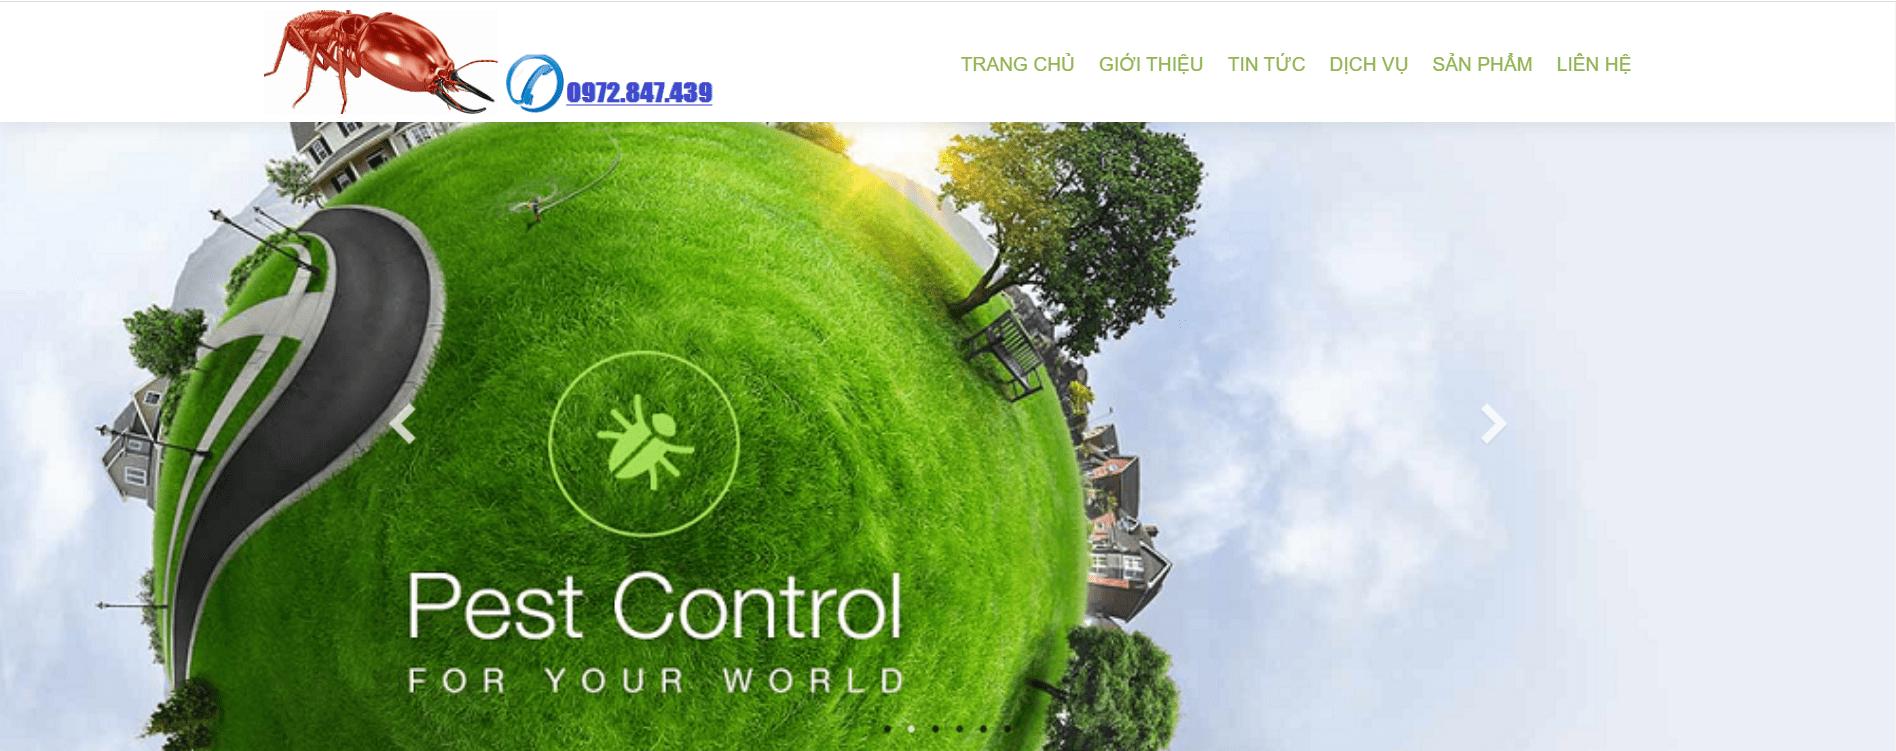 dịch vụ phun muỗi Hà Nội